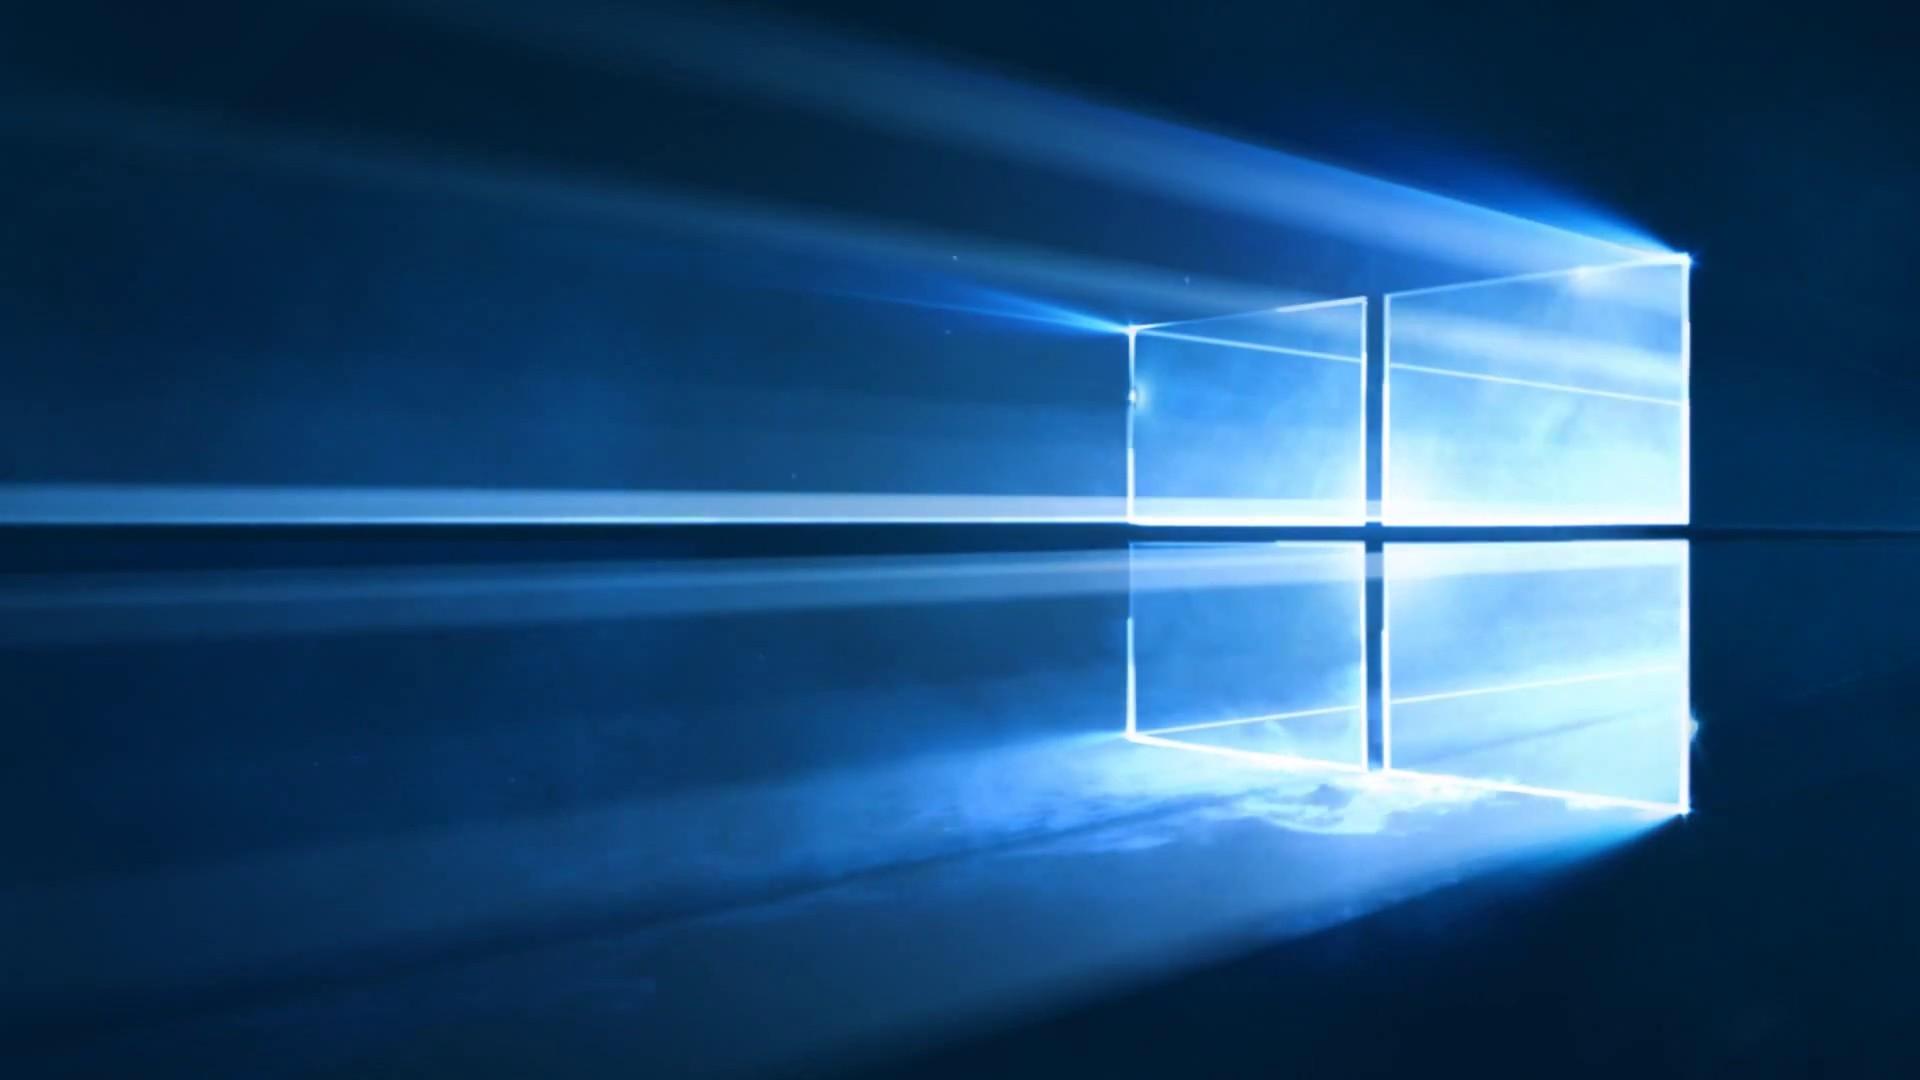 Windows Desktop Images Windows 10 Pro Backgrounds